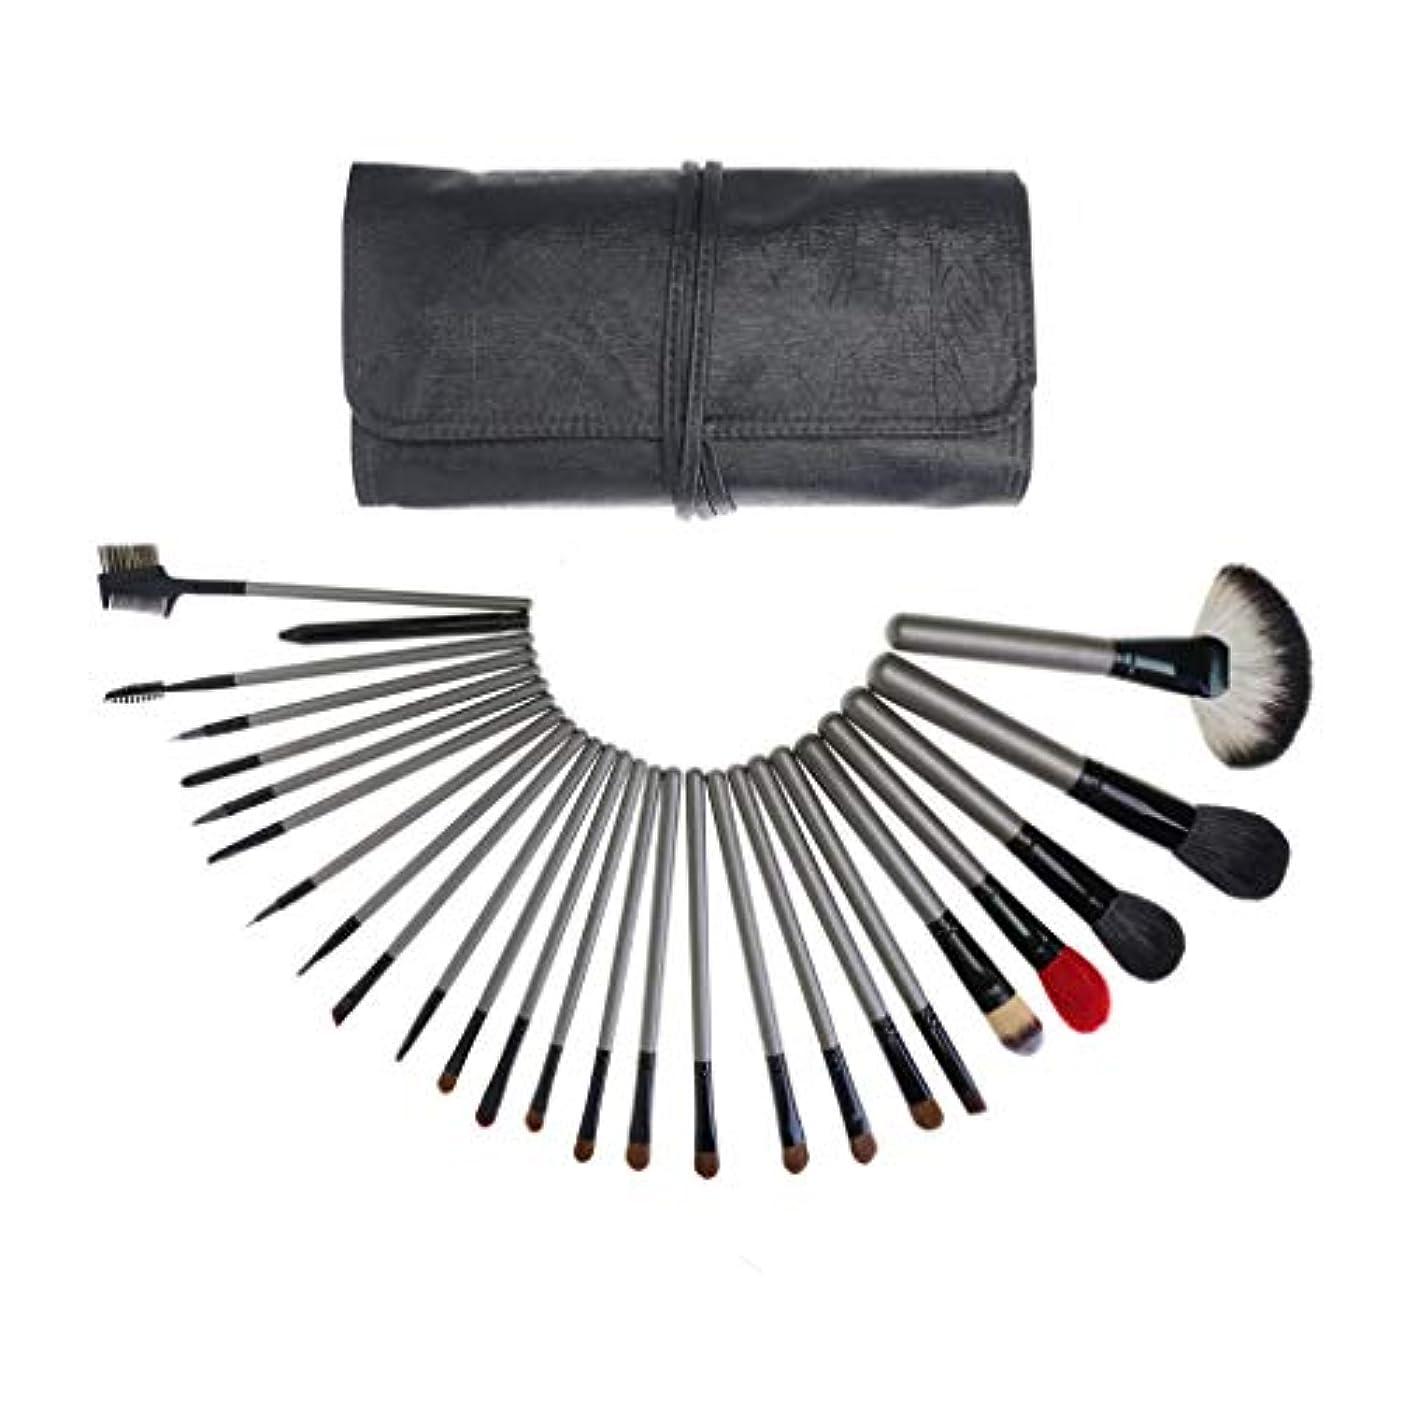 マーティフィールディングスライスウォルターカニンガム初心者のための26の化粧ブラシセット美容ツール